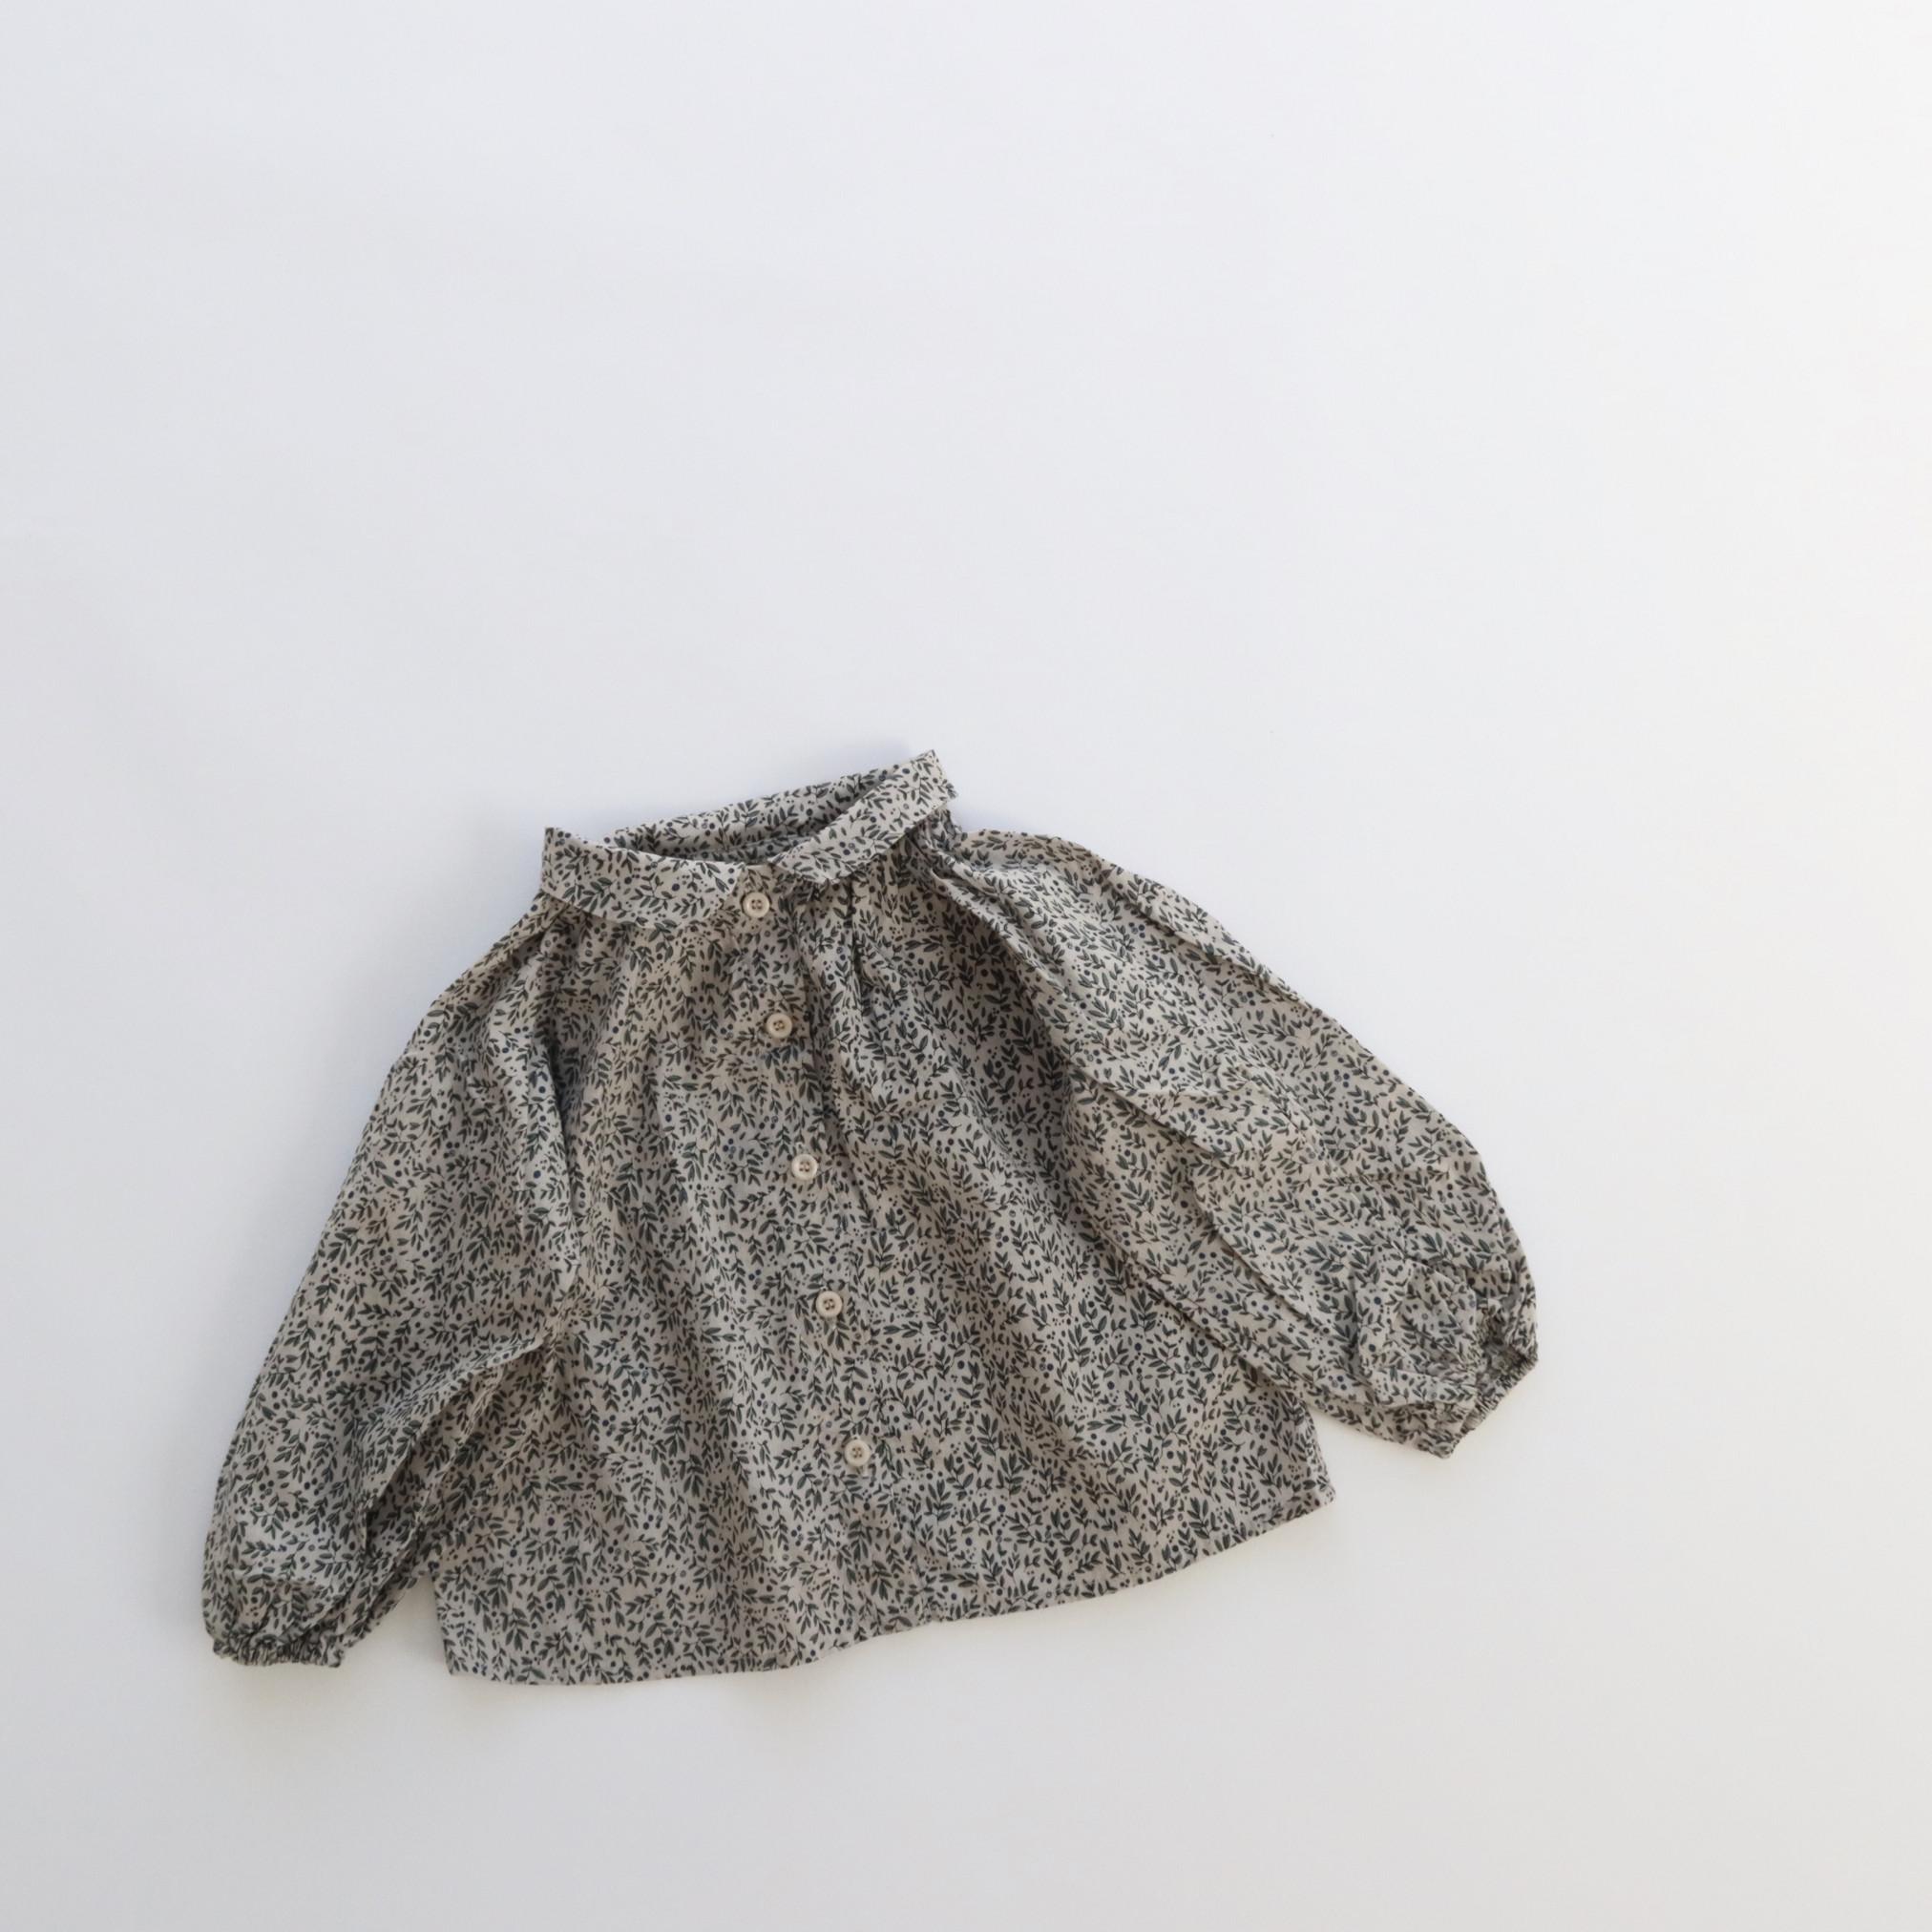 リーフブラウス Bisque Original びすく 韓国子供服 キッズ 女の子 ビスク 長袖 開店祝い 超歓迎された 男の子